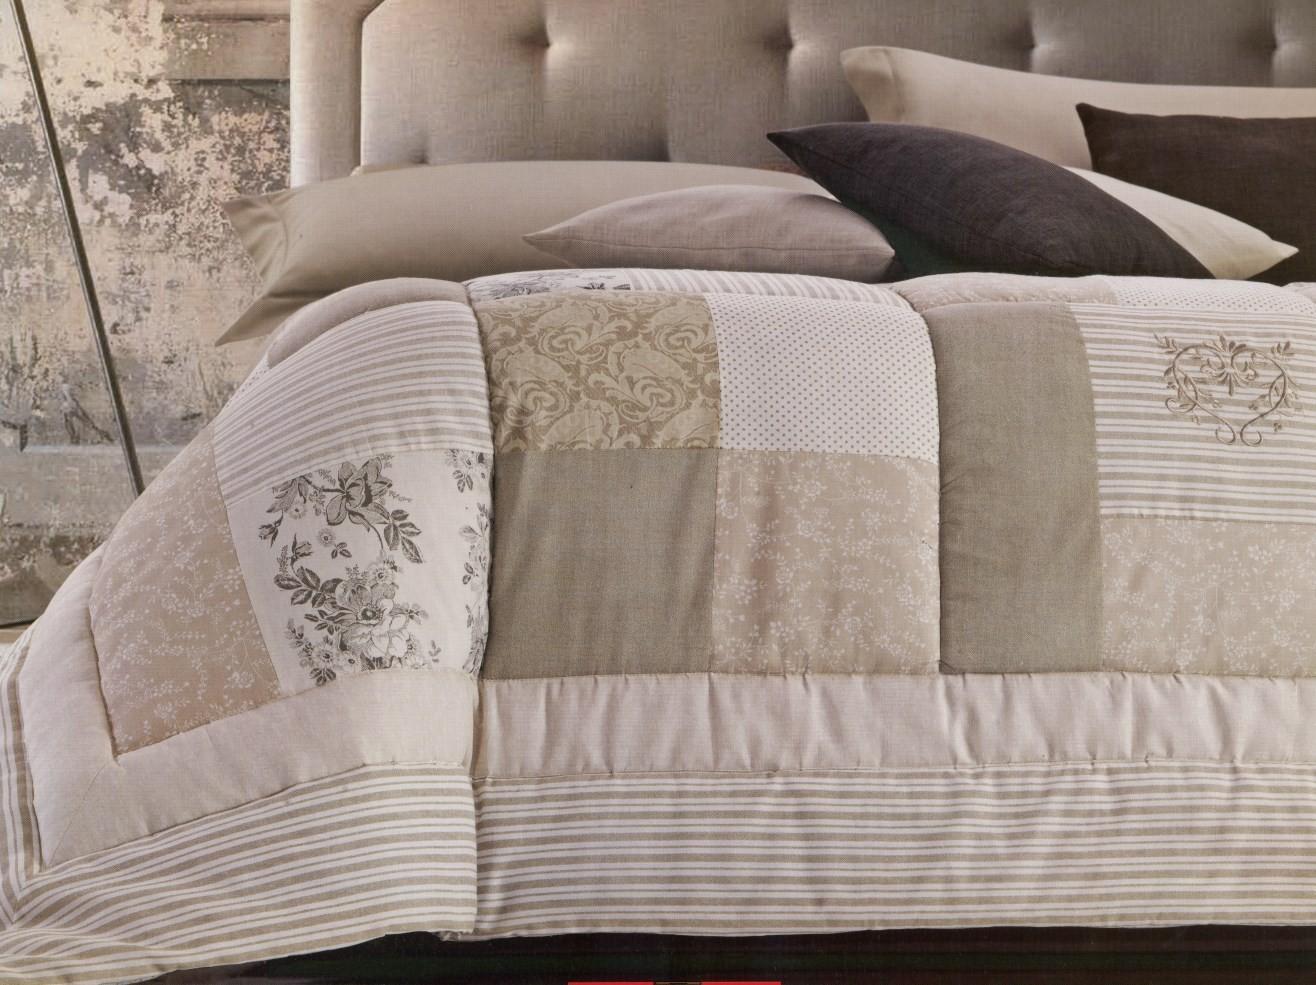 Trapunte letto e plaid martinovanzo - Piumini per letto singolo ...